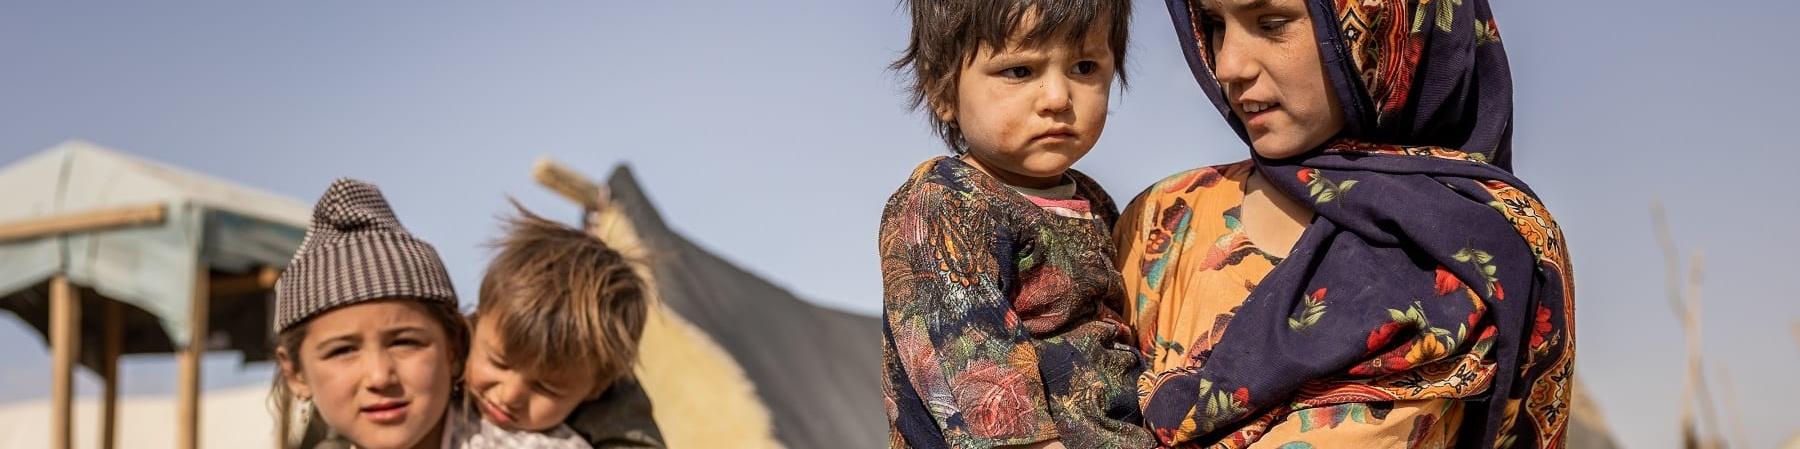 Quattro bambini afgani: una bambina tiene in braccio un bambino più piccolo, un altro bambino tiene sulle spalle un bimbo piccolo. Sullo sfondo le tende del loro villaggio